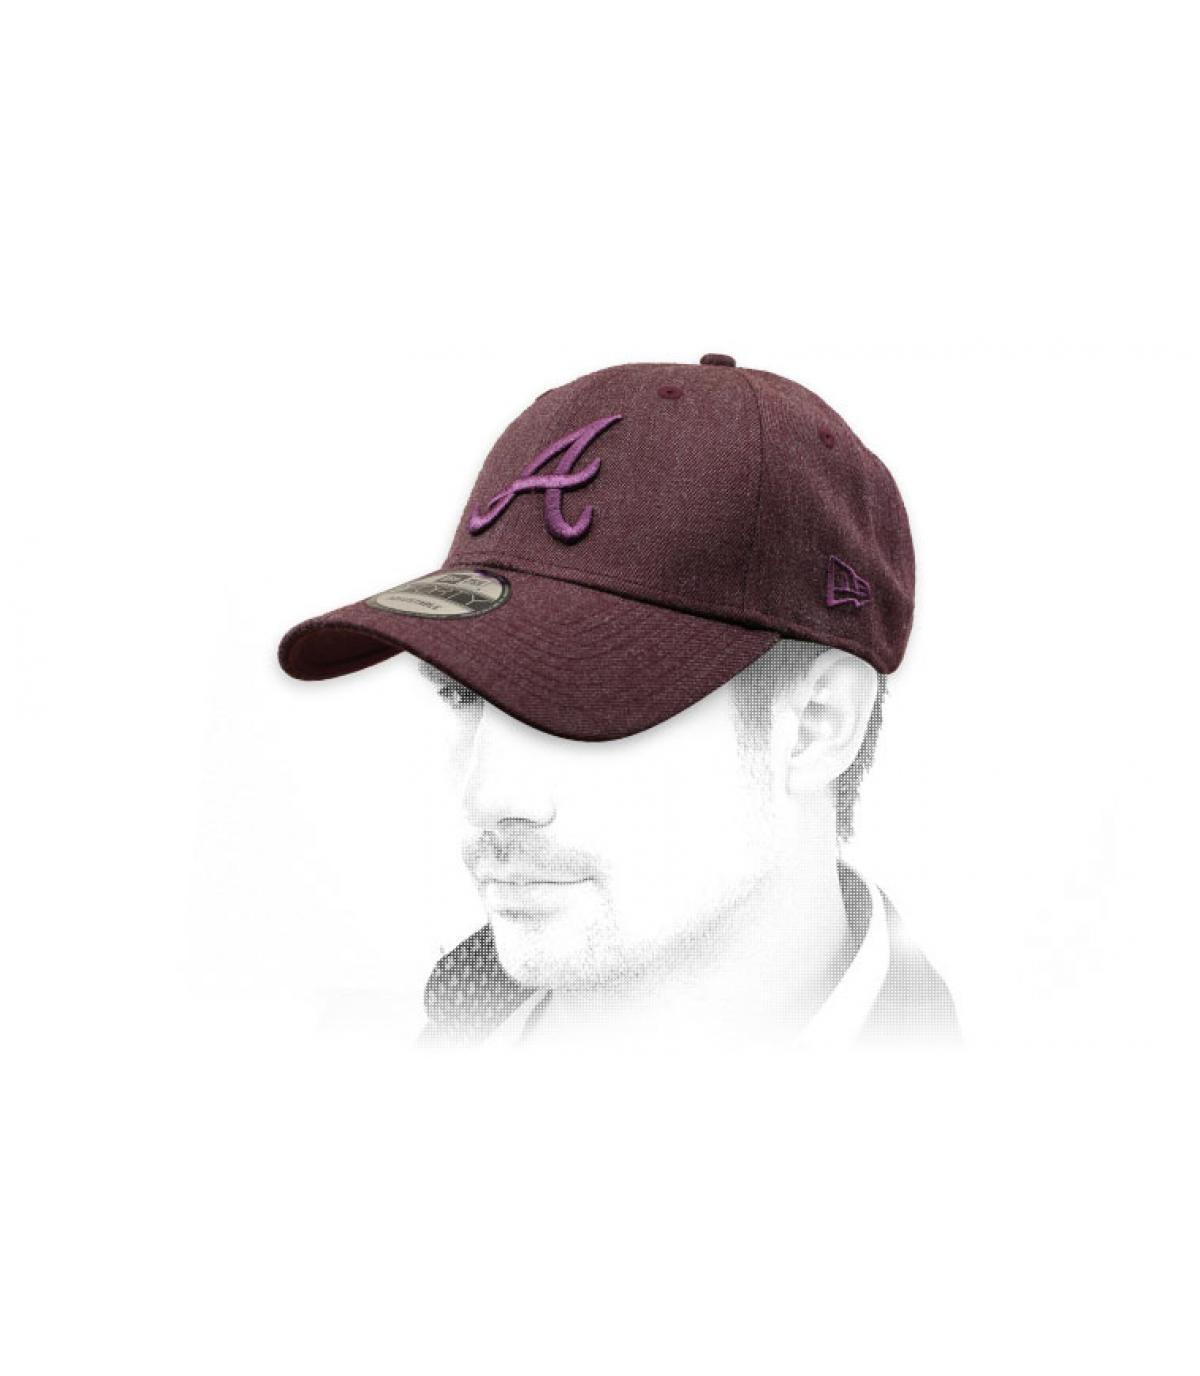 burgundy A cap